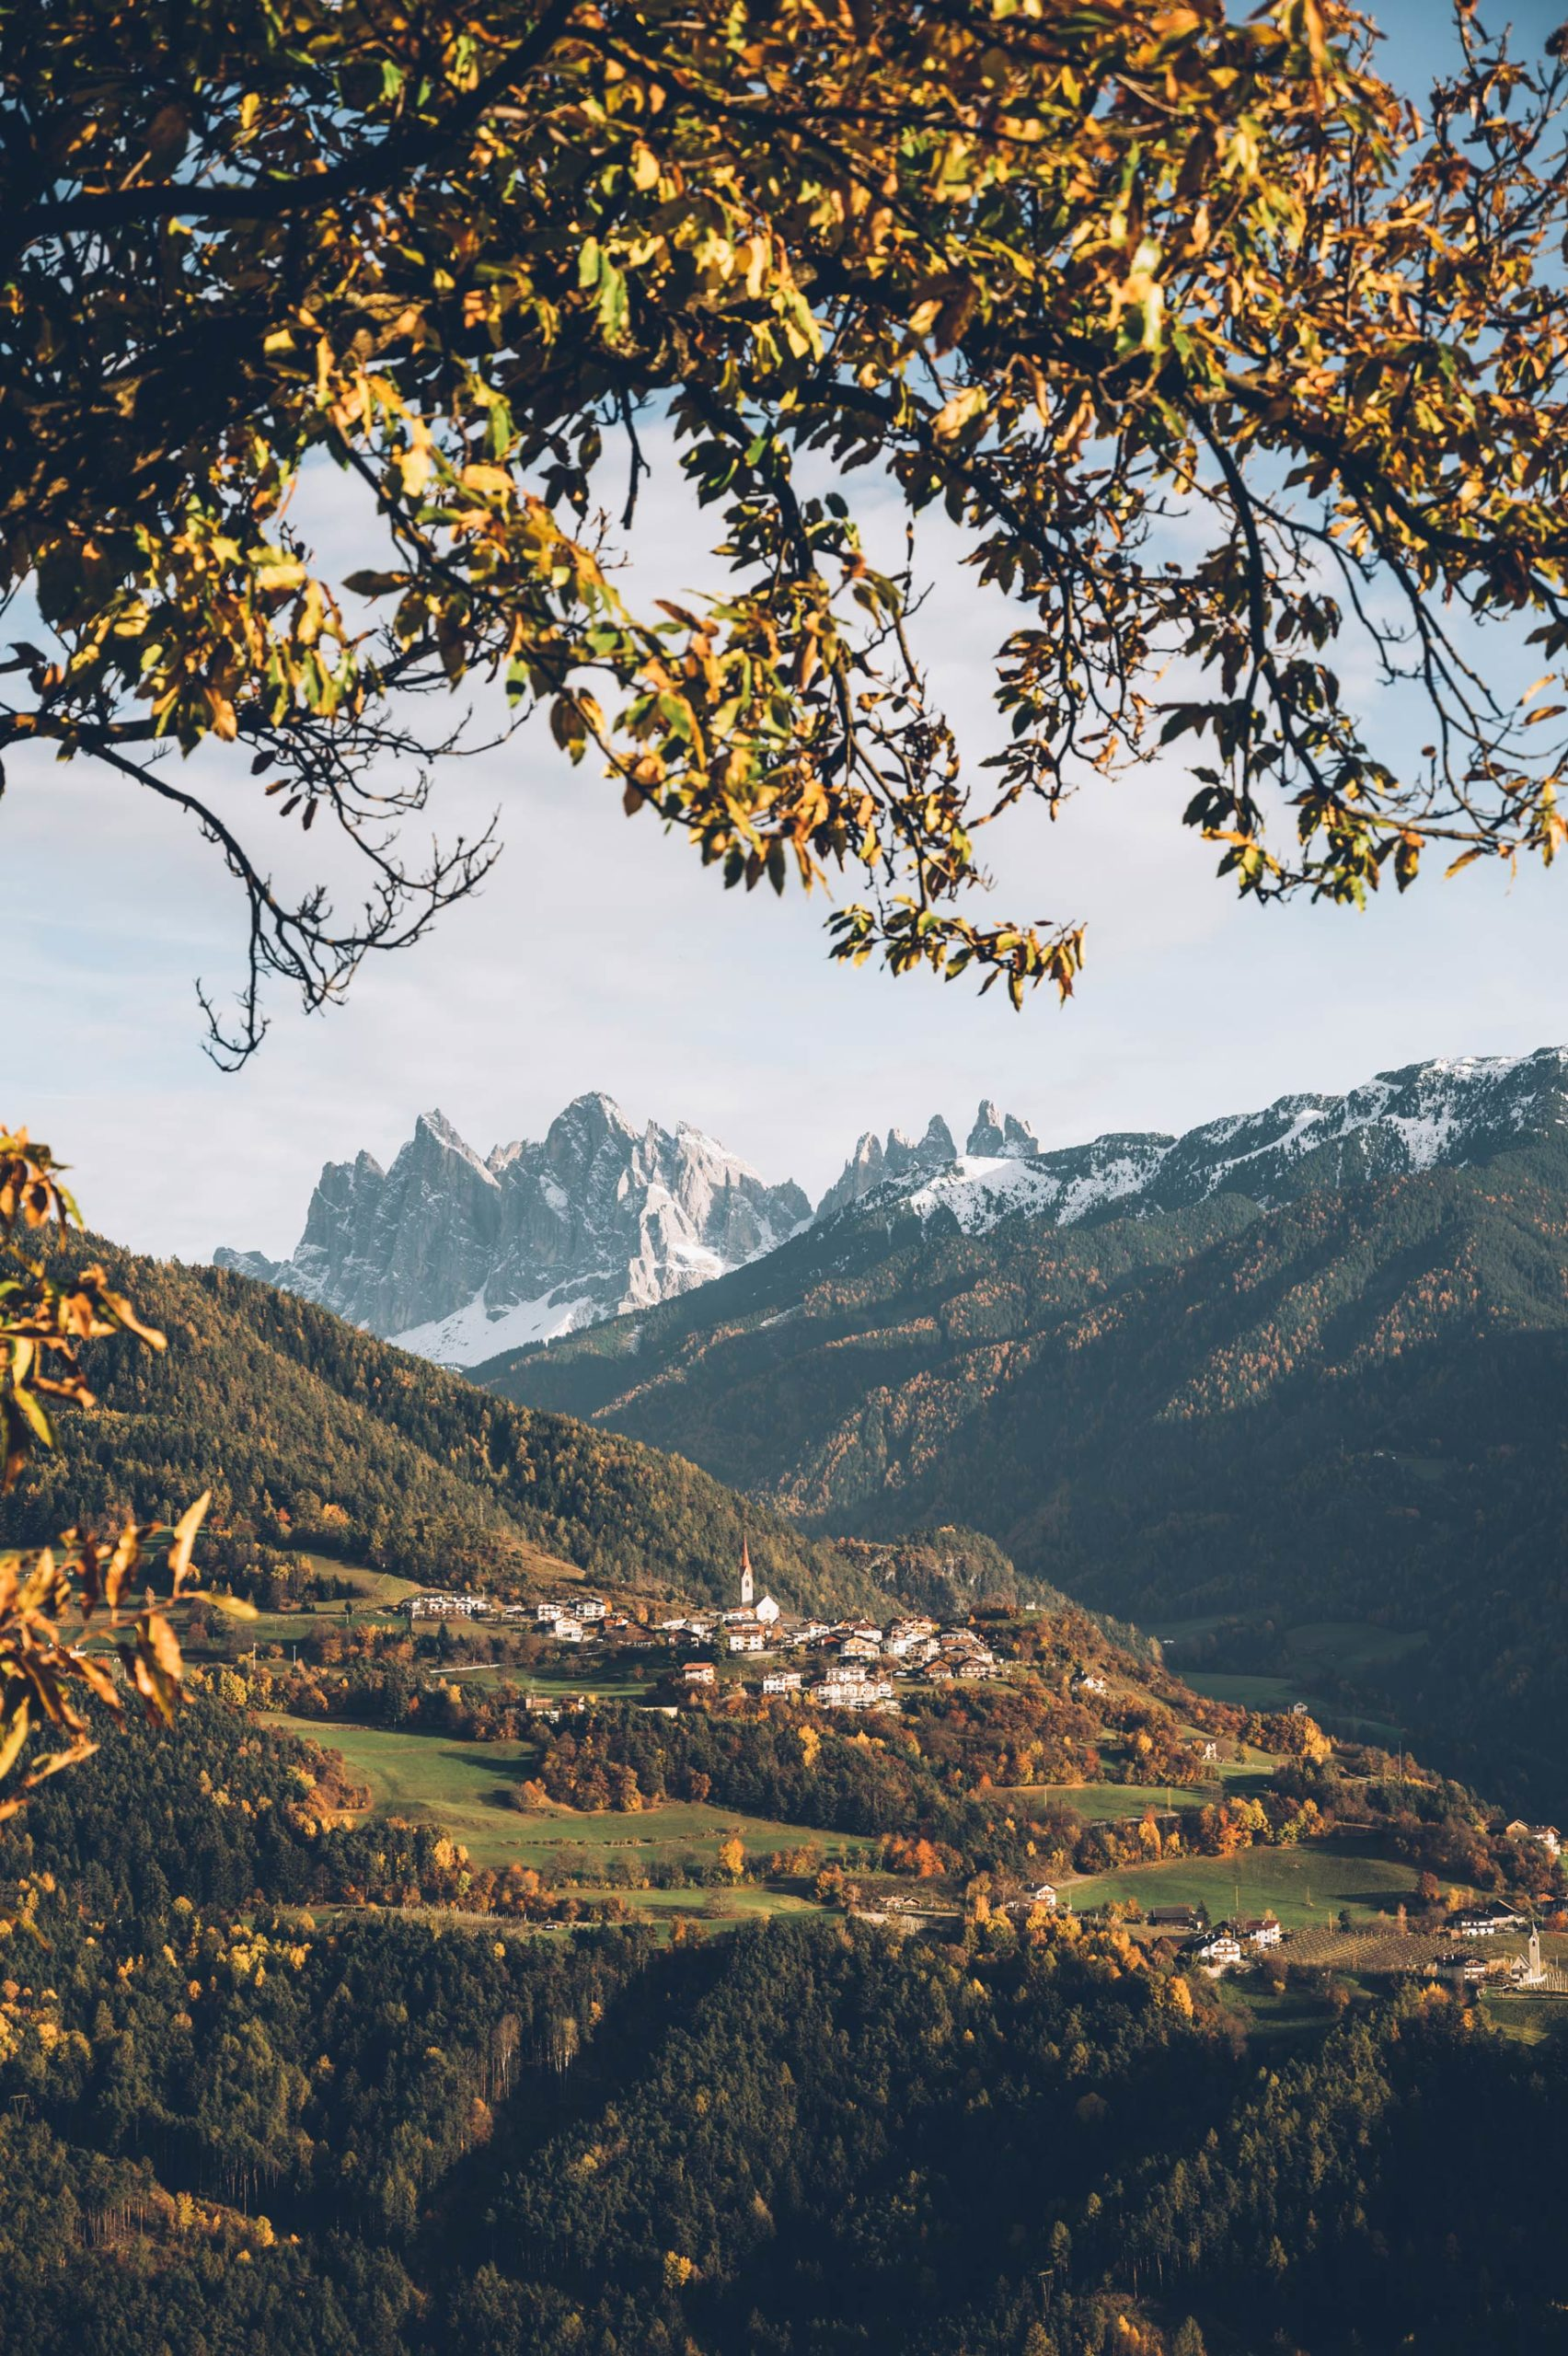 Vue depuis le sentier des châtaignes, Sud Tyrol